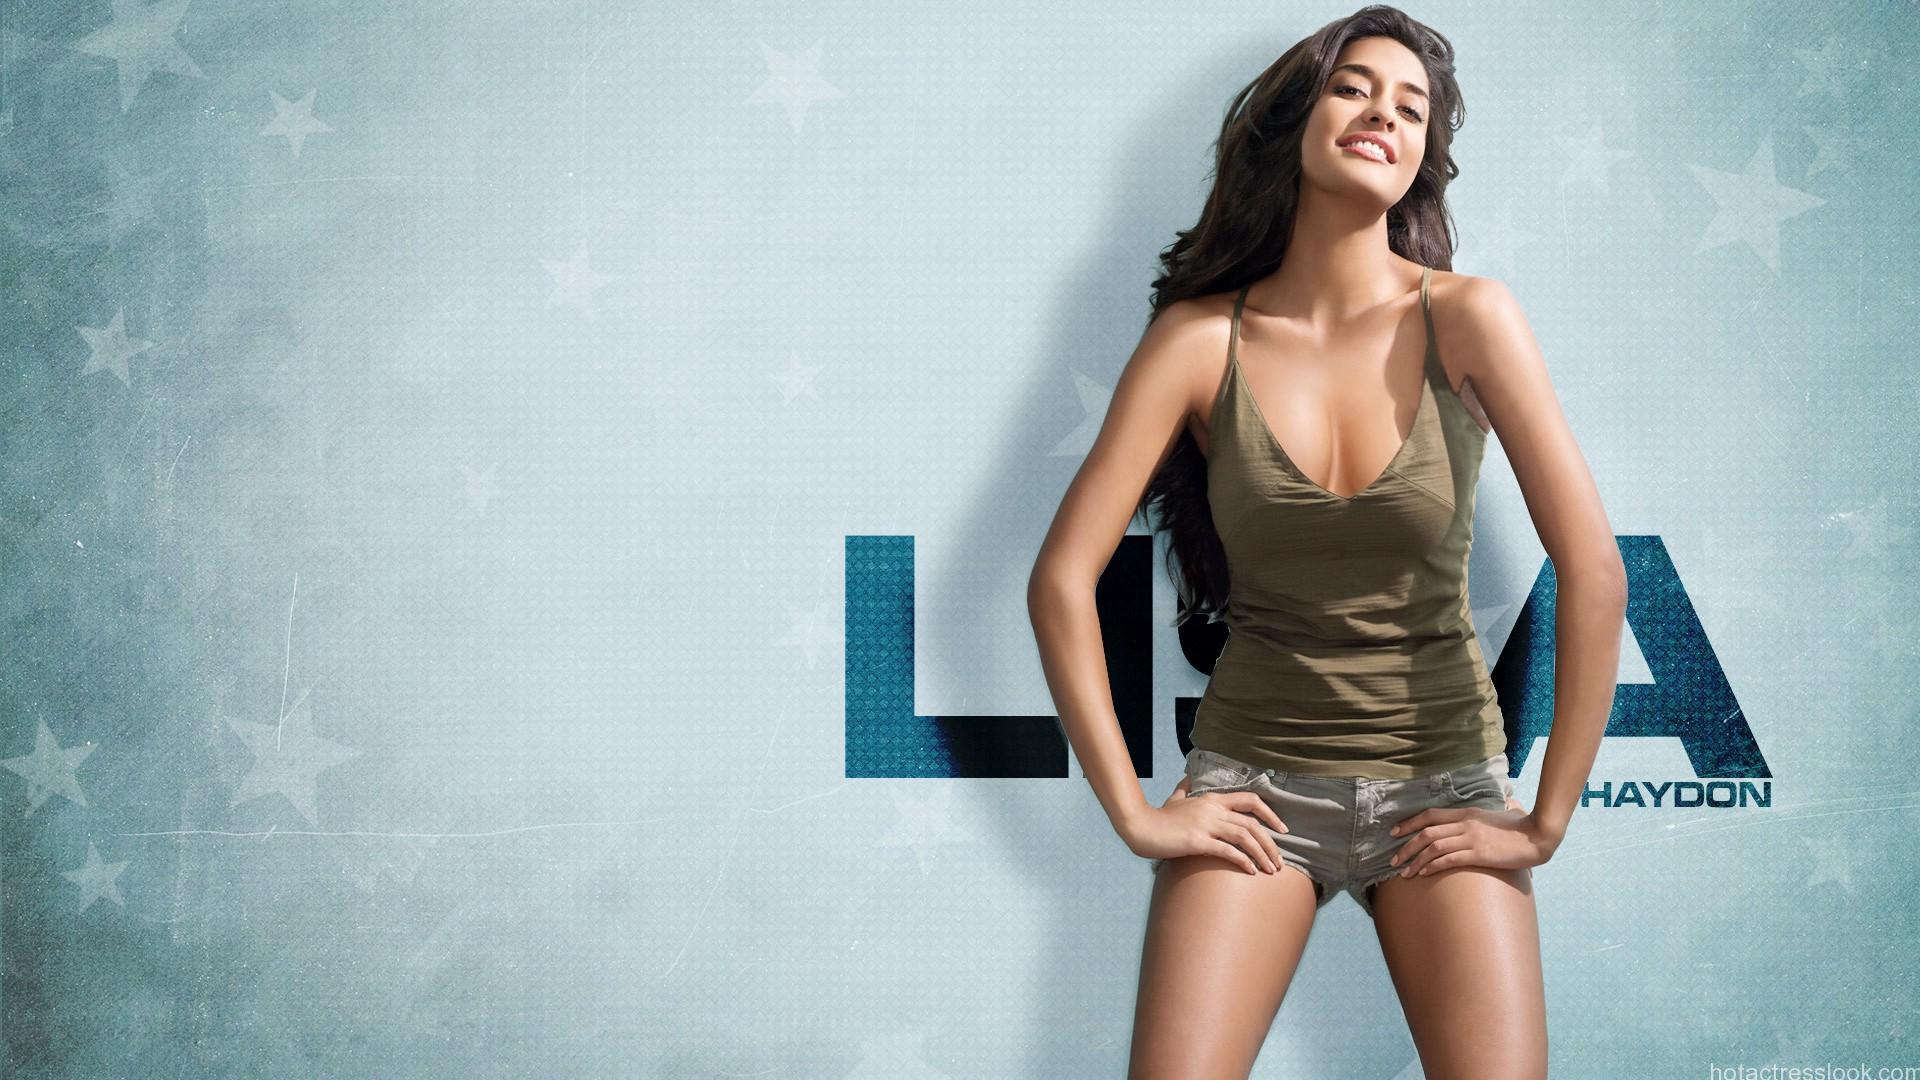 Lisa Haydon Hot in Lingerie